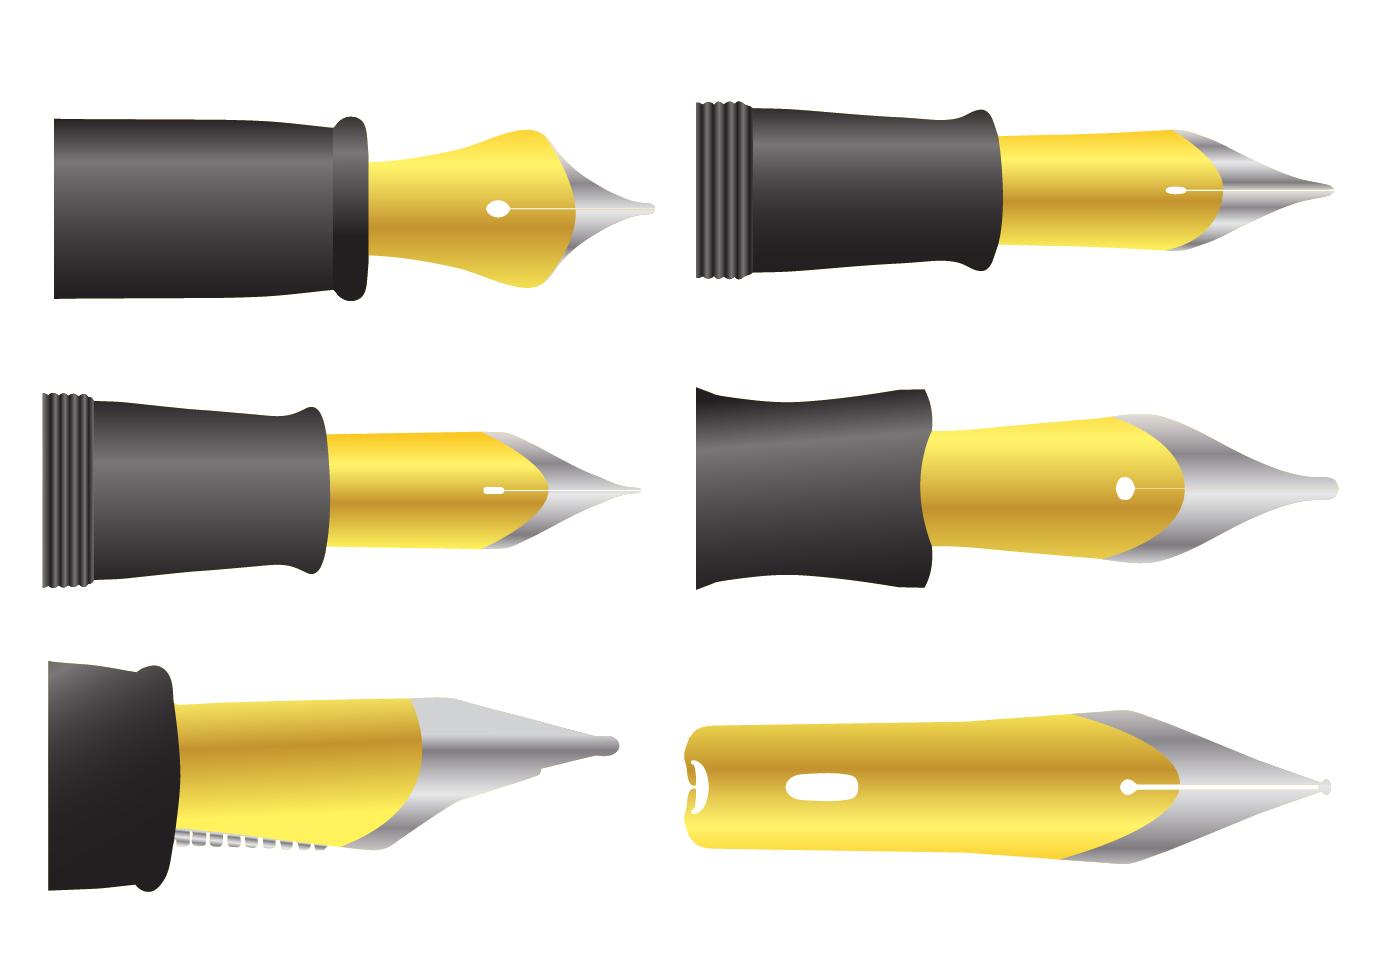 pen nib vectors download free vector art stock graphics